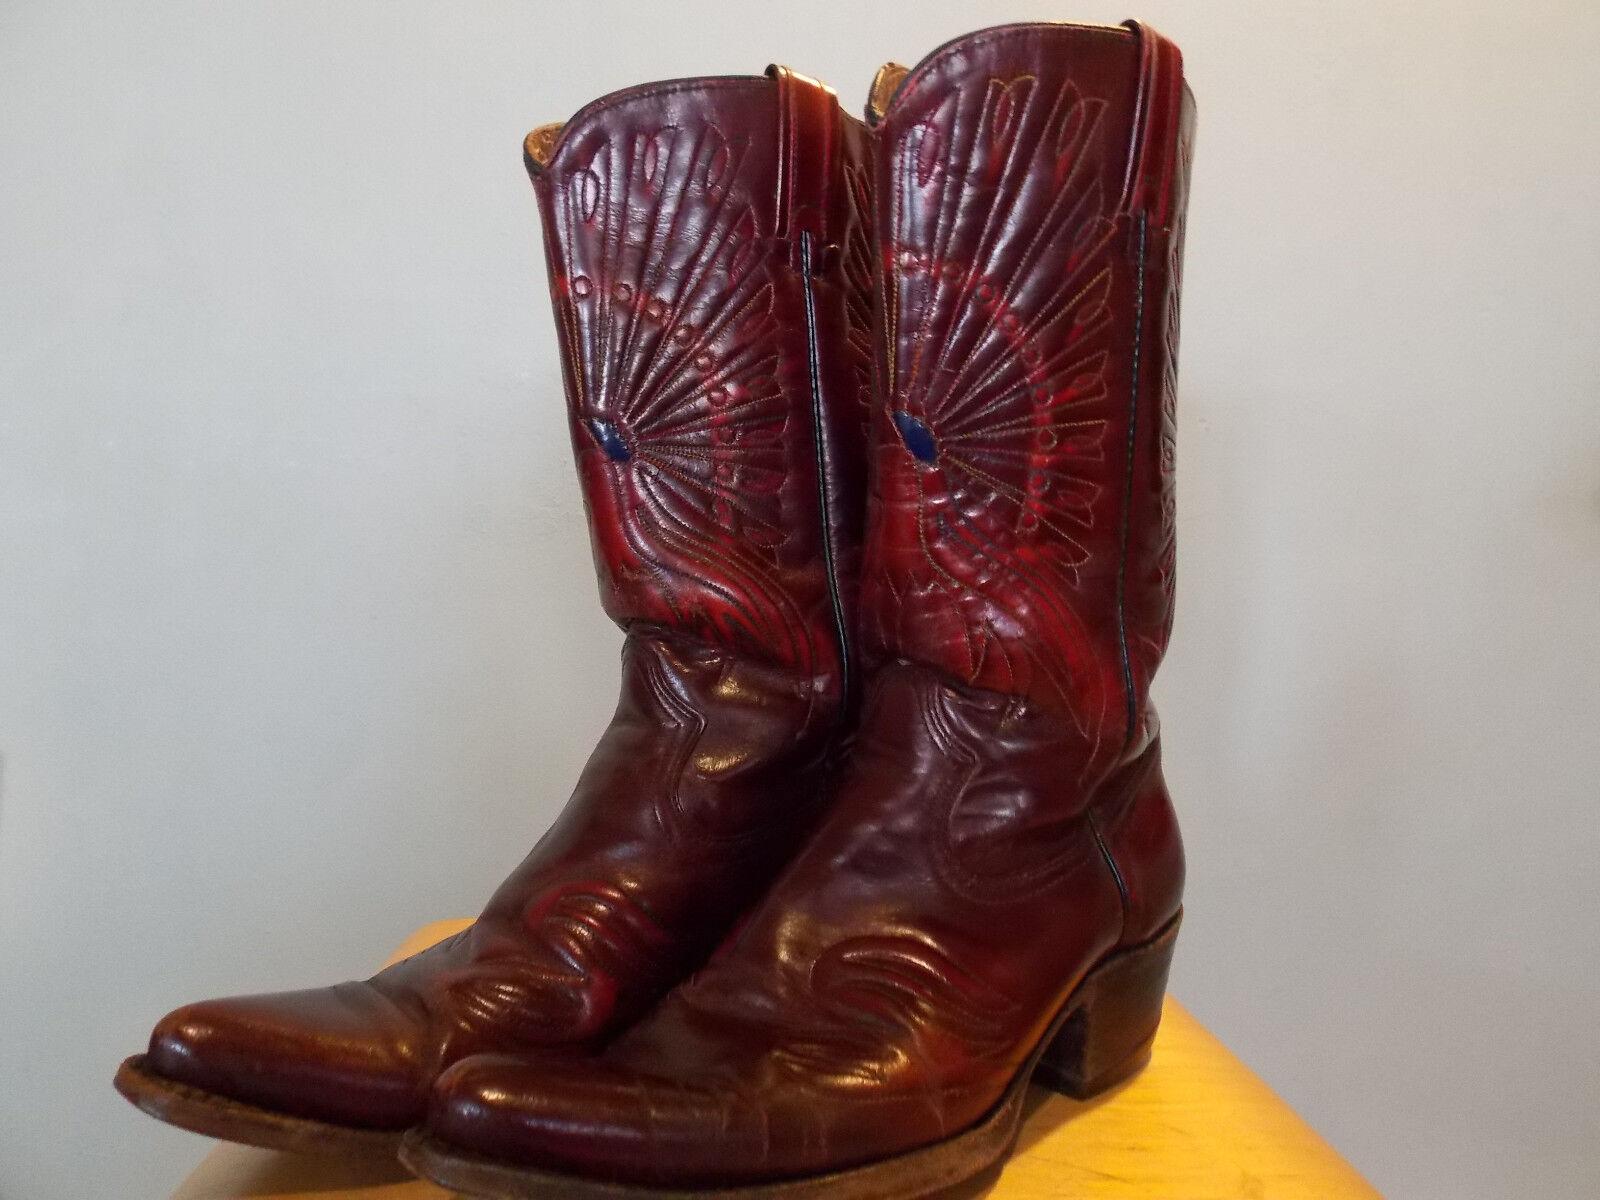 Vintage Sear Burgundy braun Leather Western Cowboy Stiefel 8 D